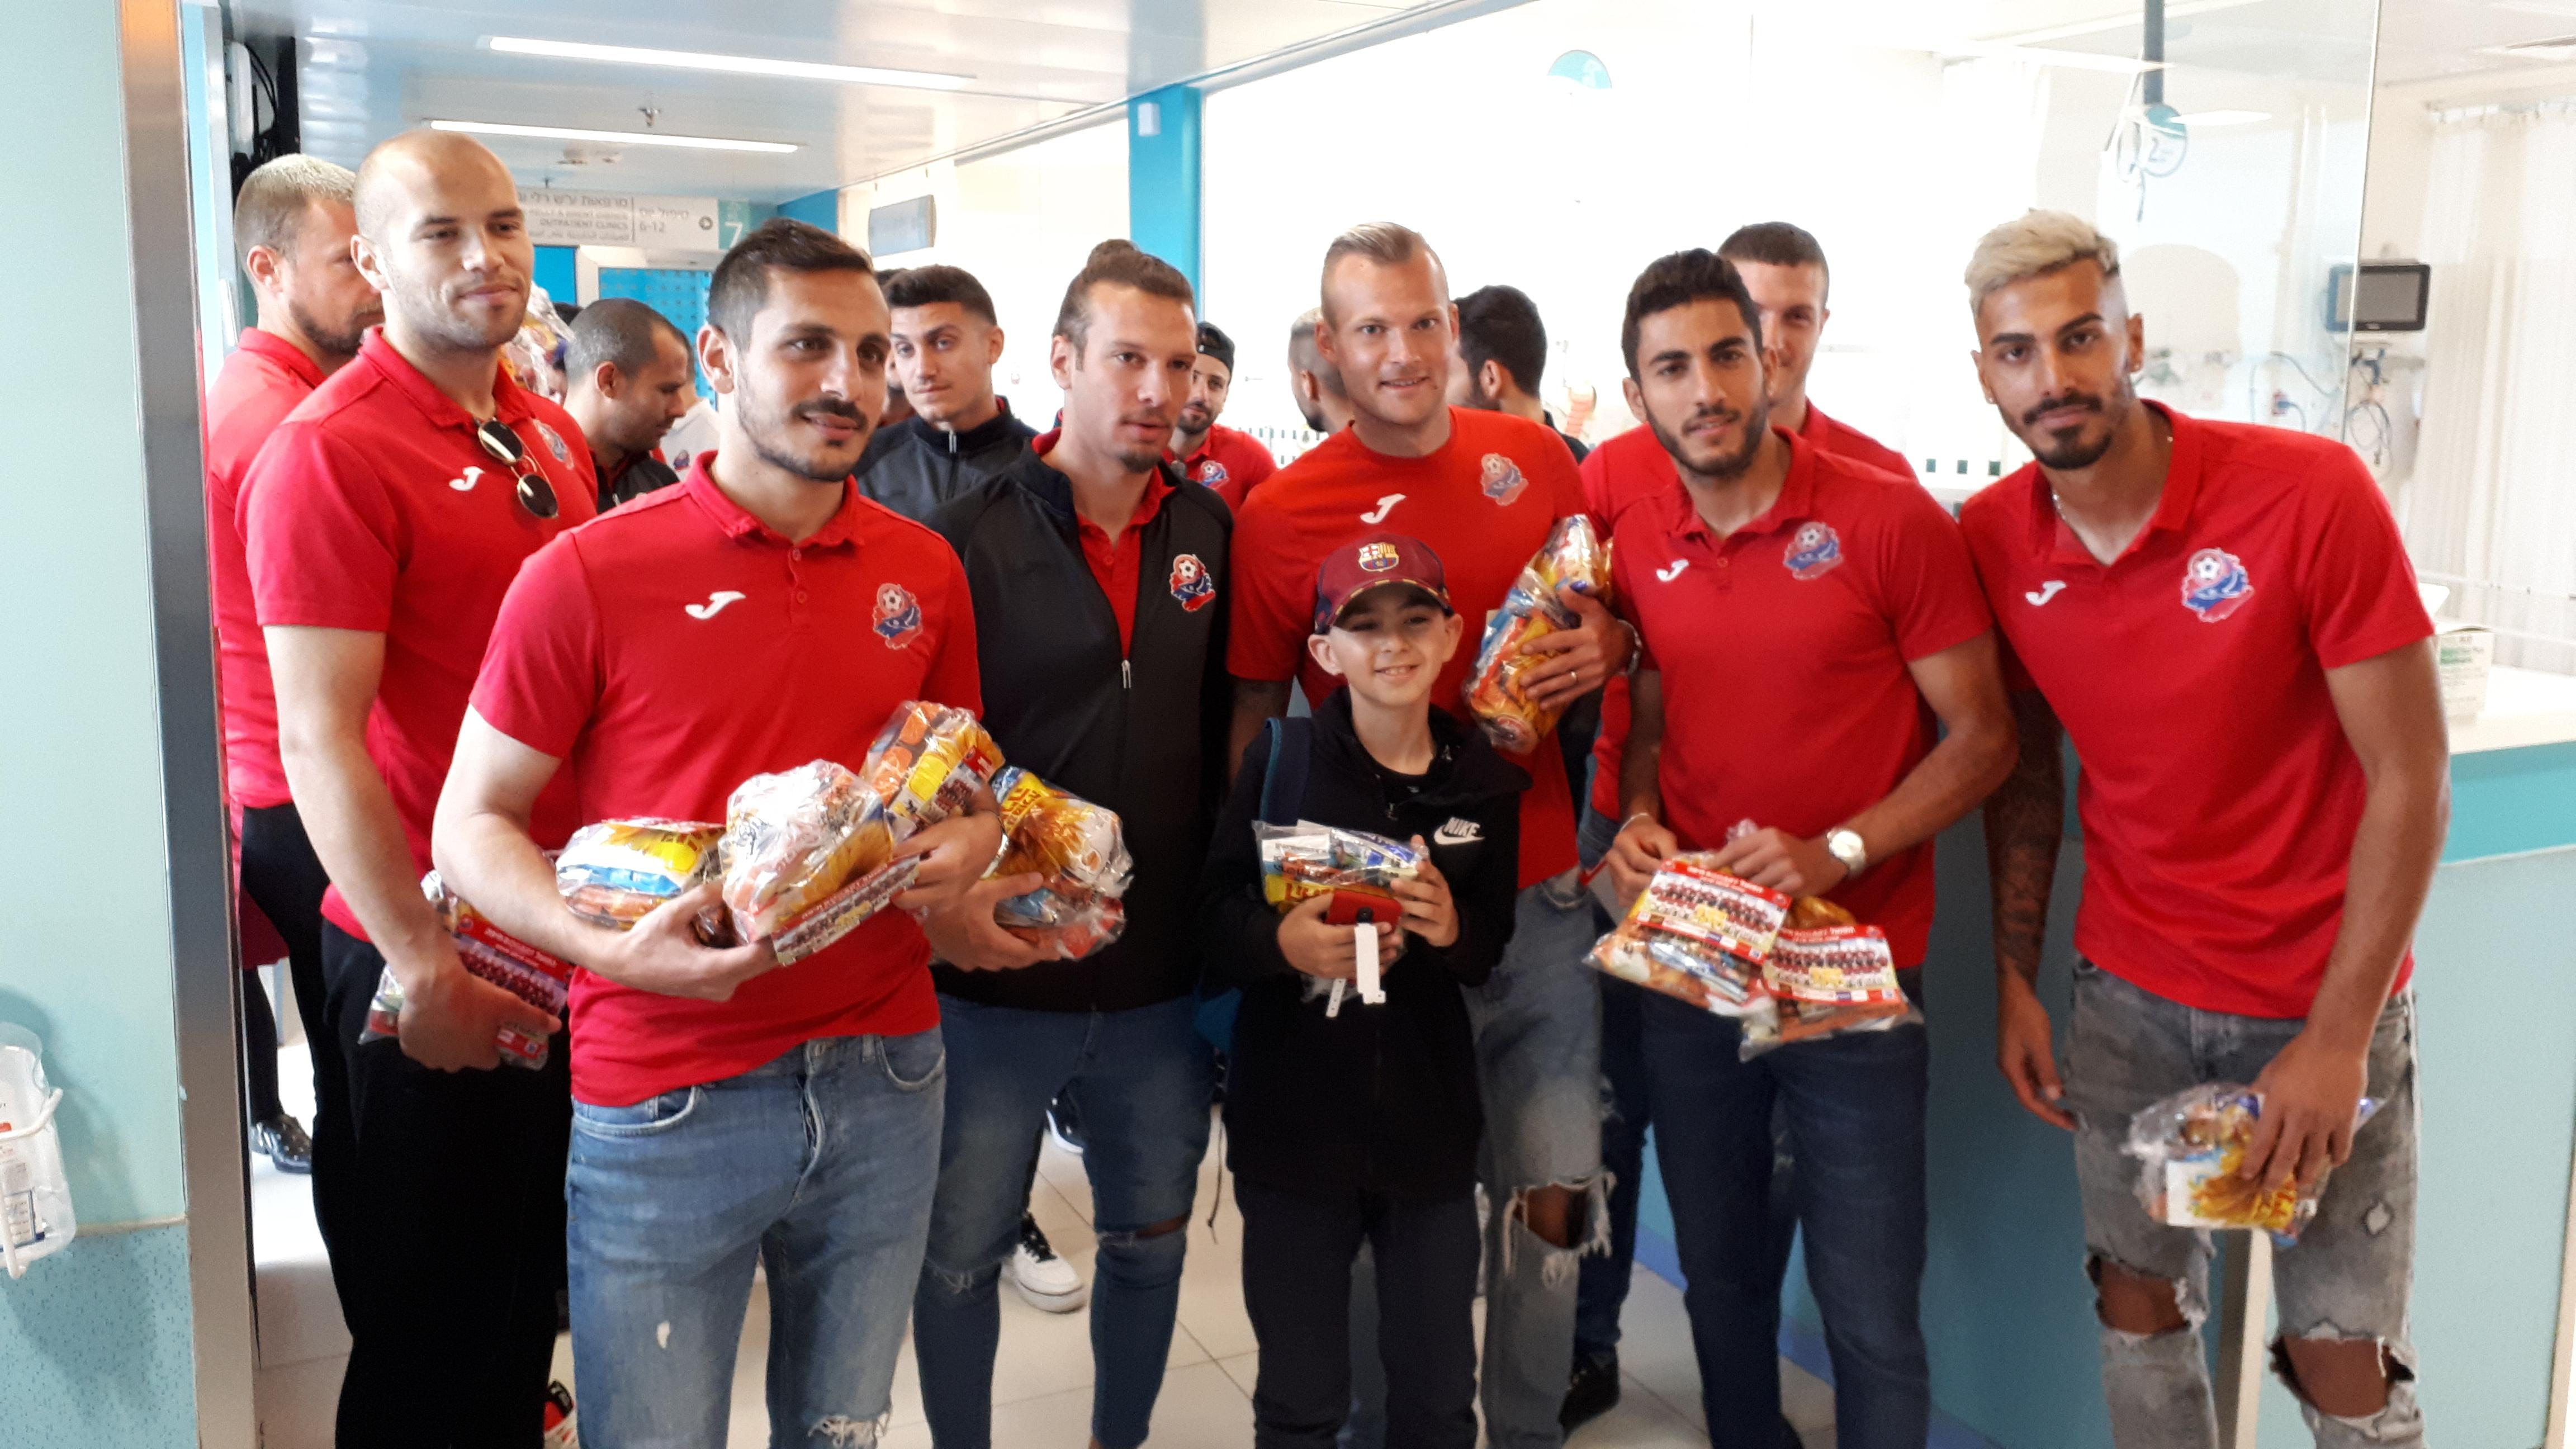 לכבוד הפורים: שחקני הקבוצה ביקרו ילדים בבית החולים רמב